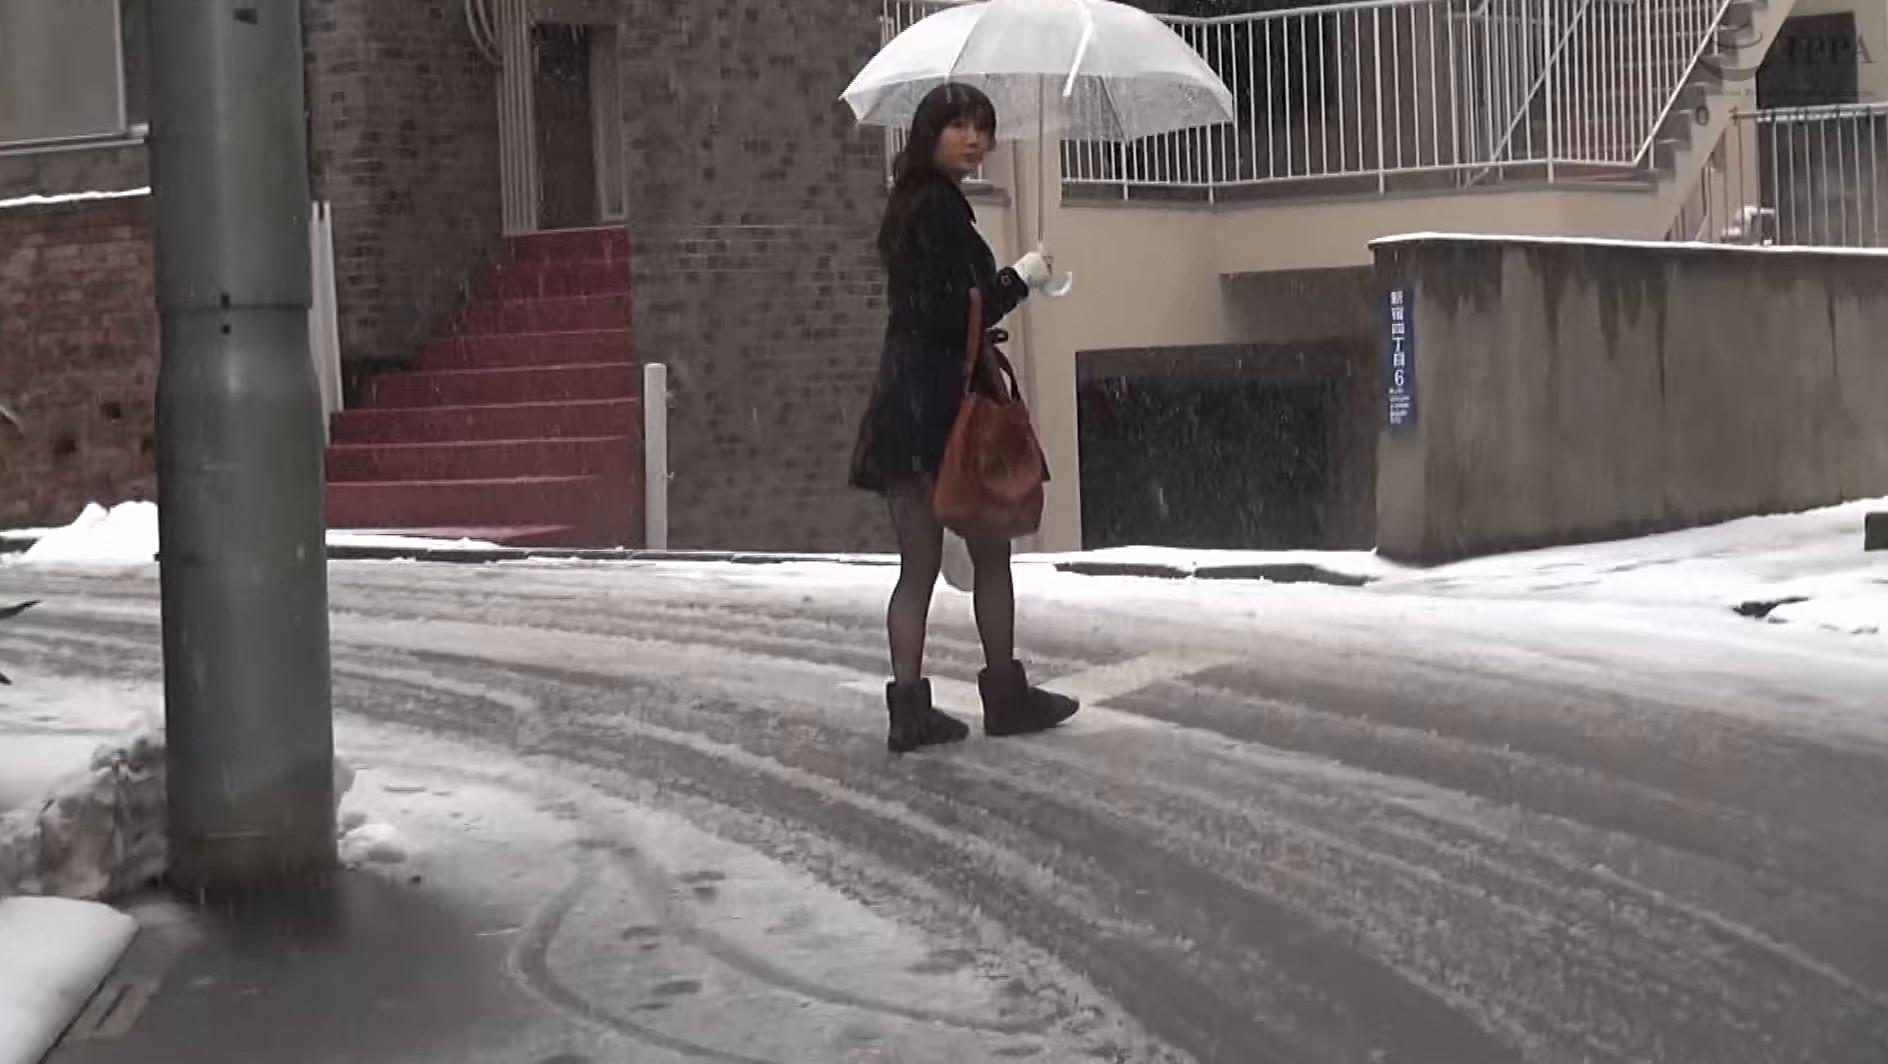 雪の降る日は、ひと気がない為レイプが多発する。